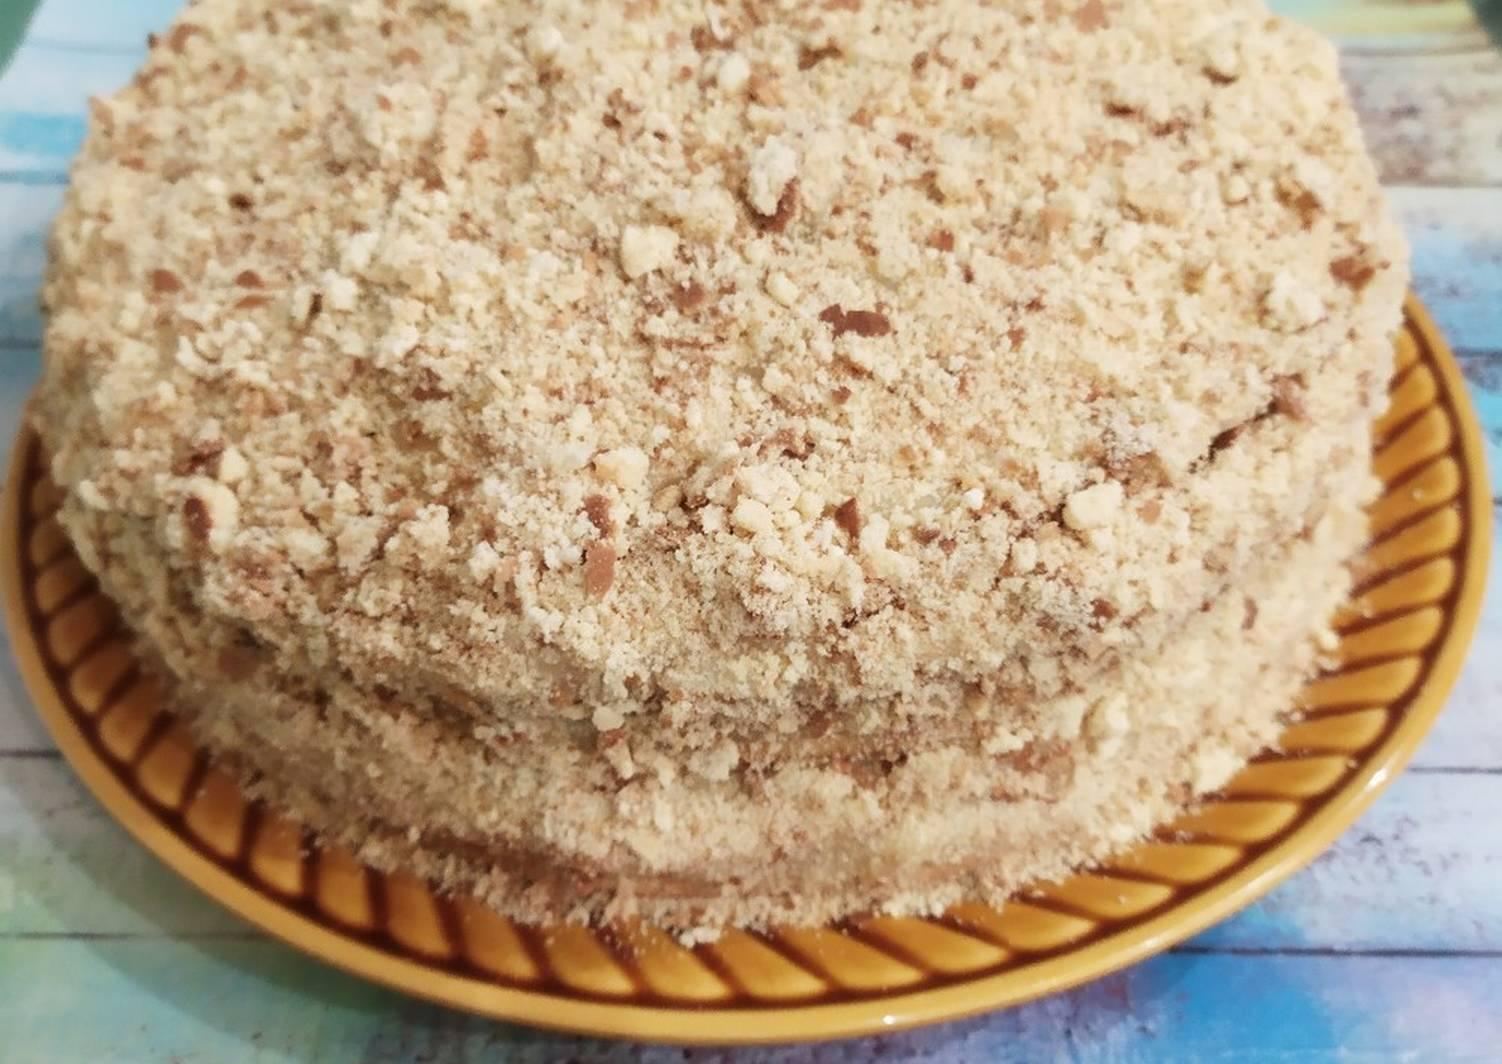 тортик на сковороде пошаговый рецепт с фото видно чего